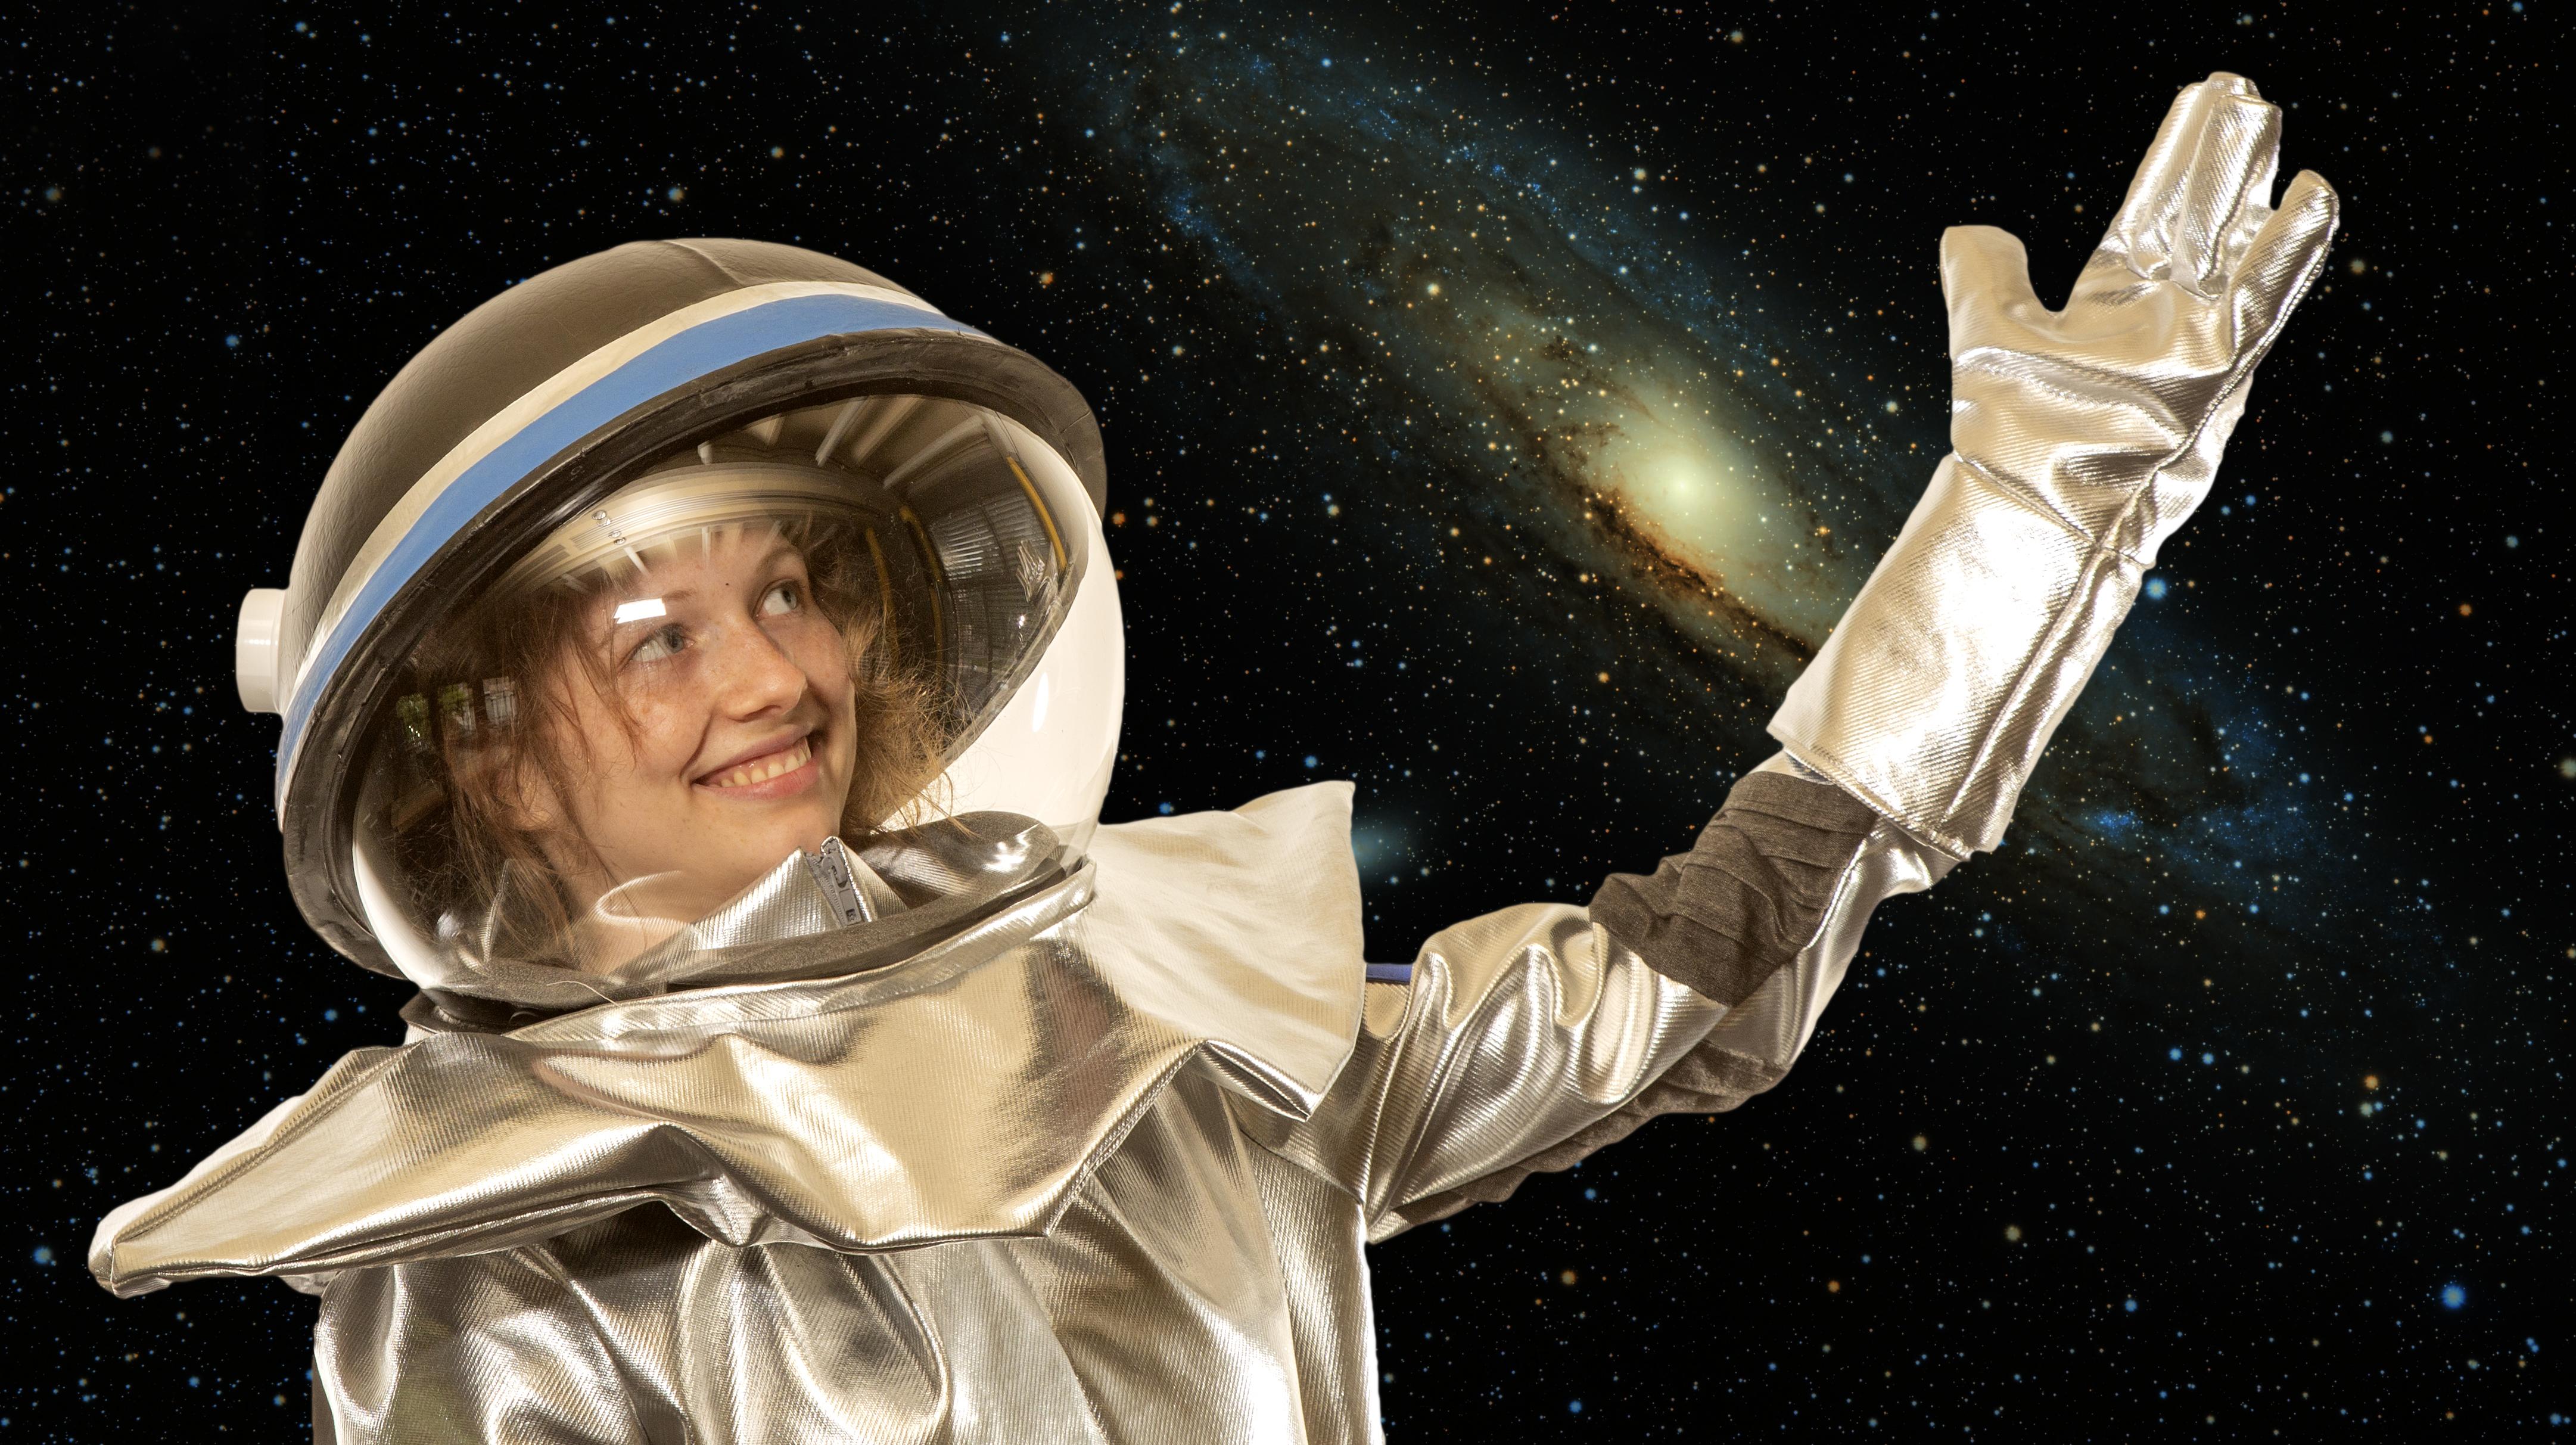 Eine Frau im Astronautinnenanzug schaut in den Weltraum